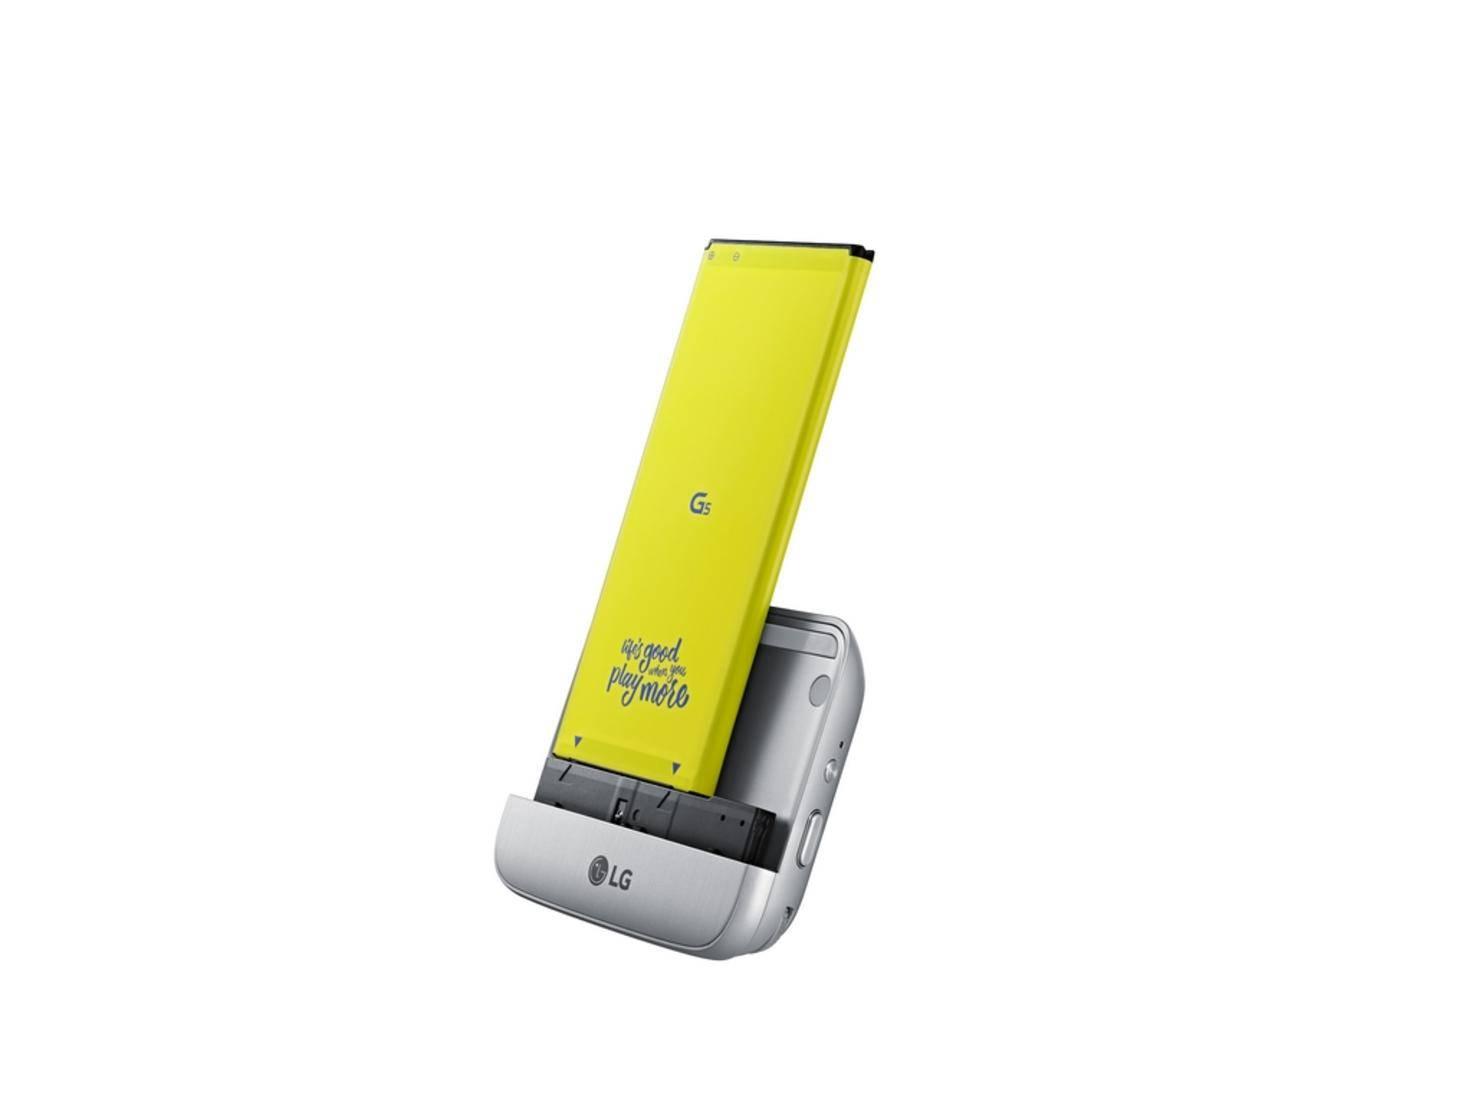 Unter anderem gibt es ein Kamera-Modul, das direkt an das Smartphone gesteckt wird.